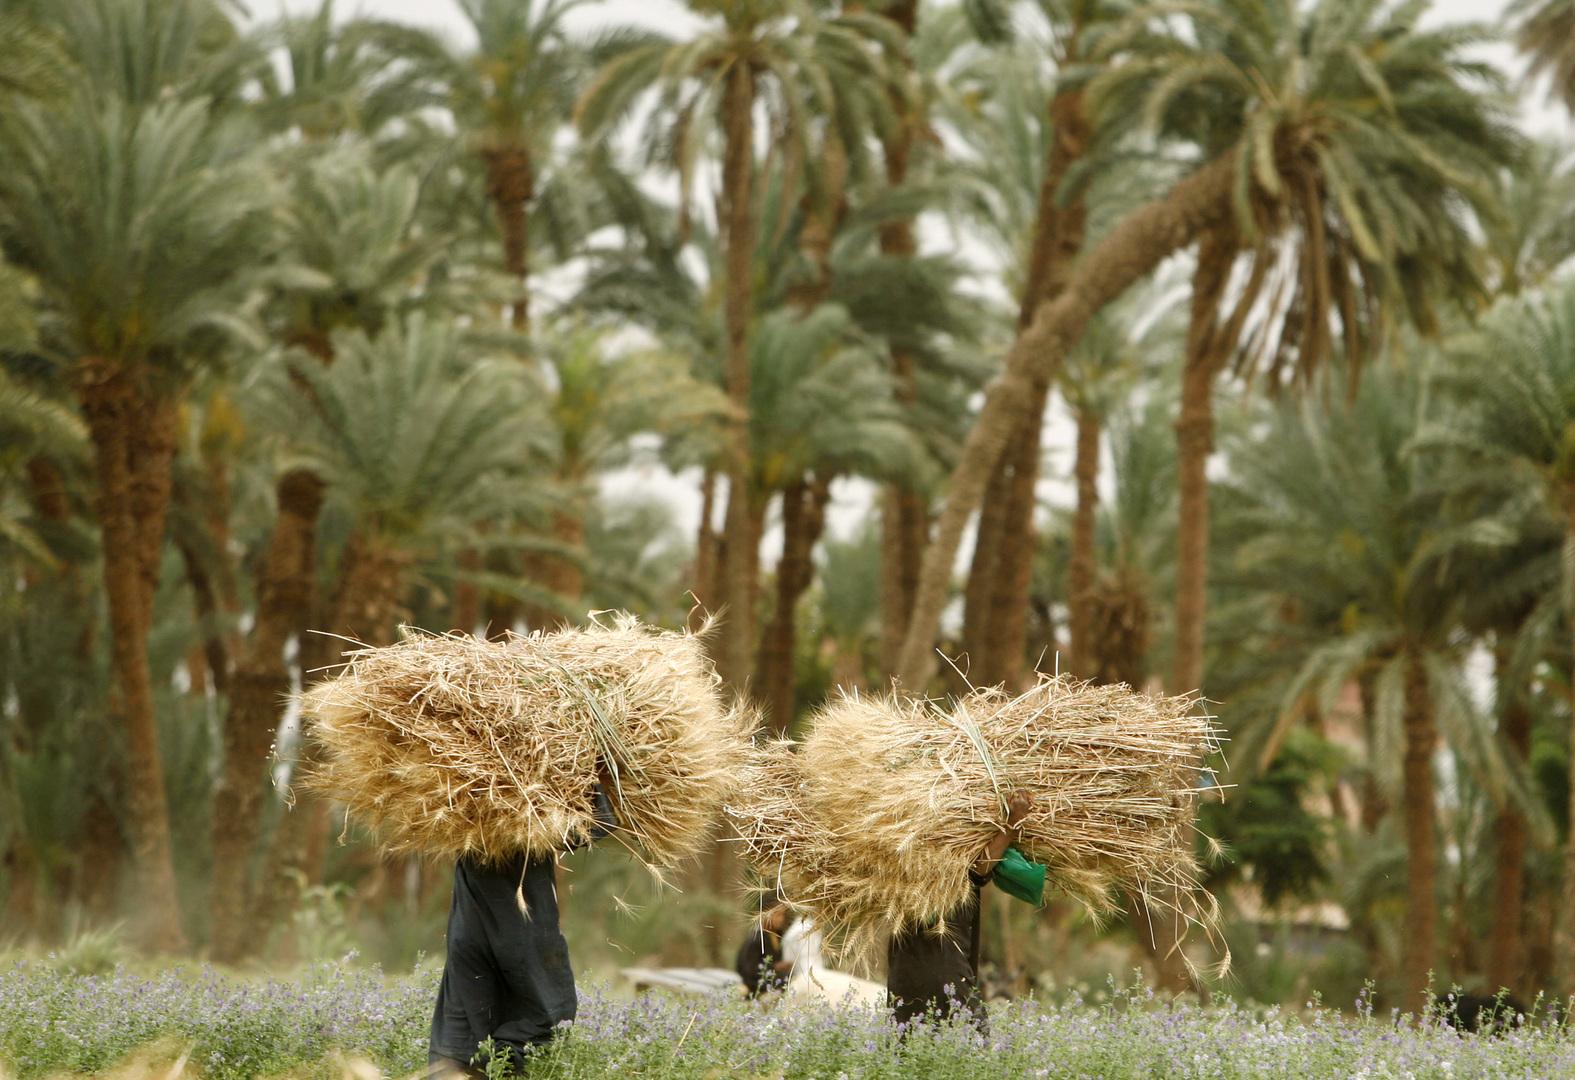 <a href='/tags/169835-%D8%A7%D9%84%D8%B2%D8%B1%D8%A7%D8%B9%D8%A9'>الزراعة</a> <a href='/tags/168567-%D8%A7%D9%84%D9%85%D8%B5%D8%B1%D9%8A%D8%A9'>المصرية</a>: صادراتنا تغزو <a href='/tags/176785-%D8%A3%D8%B3%D9%88%D8%A7%D9%82'>أسواق</a> العالم حتى خلال <a href='/tags/174667-%D8%A7%D8%B2%D9%85%D8%A9'>أزمة</a> كورونا